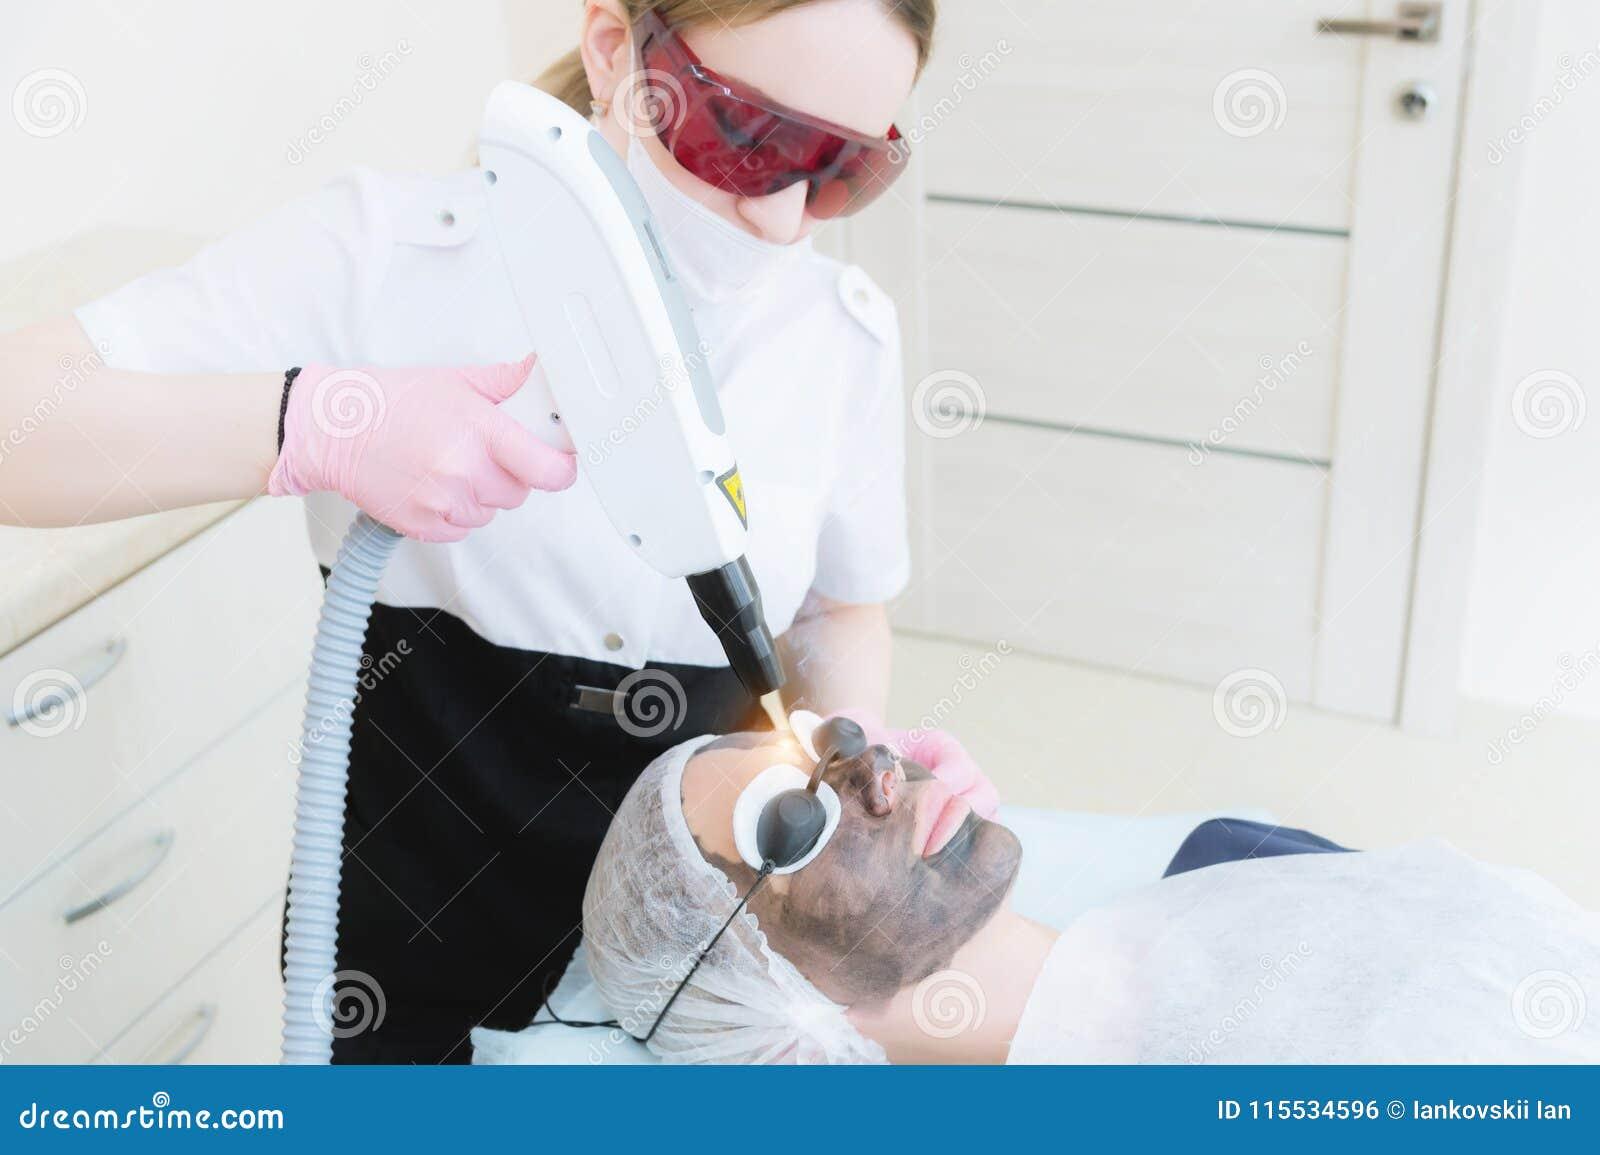 Девушка cosmetician в изумлённых взглядах делает процедуру шелушения углерода с помощью лазеру косметологии Сторона углерода